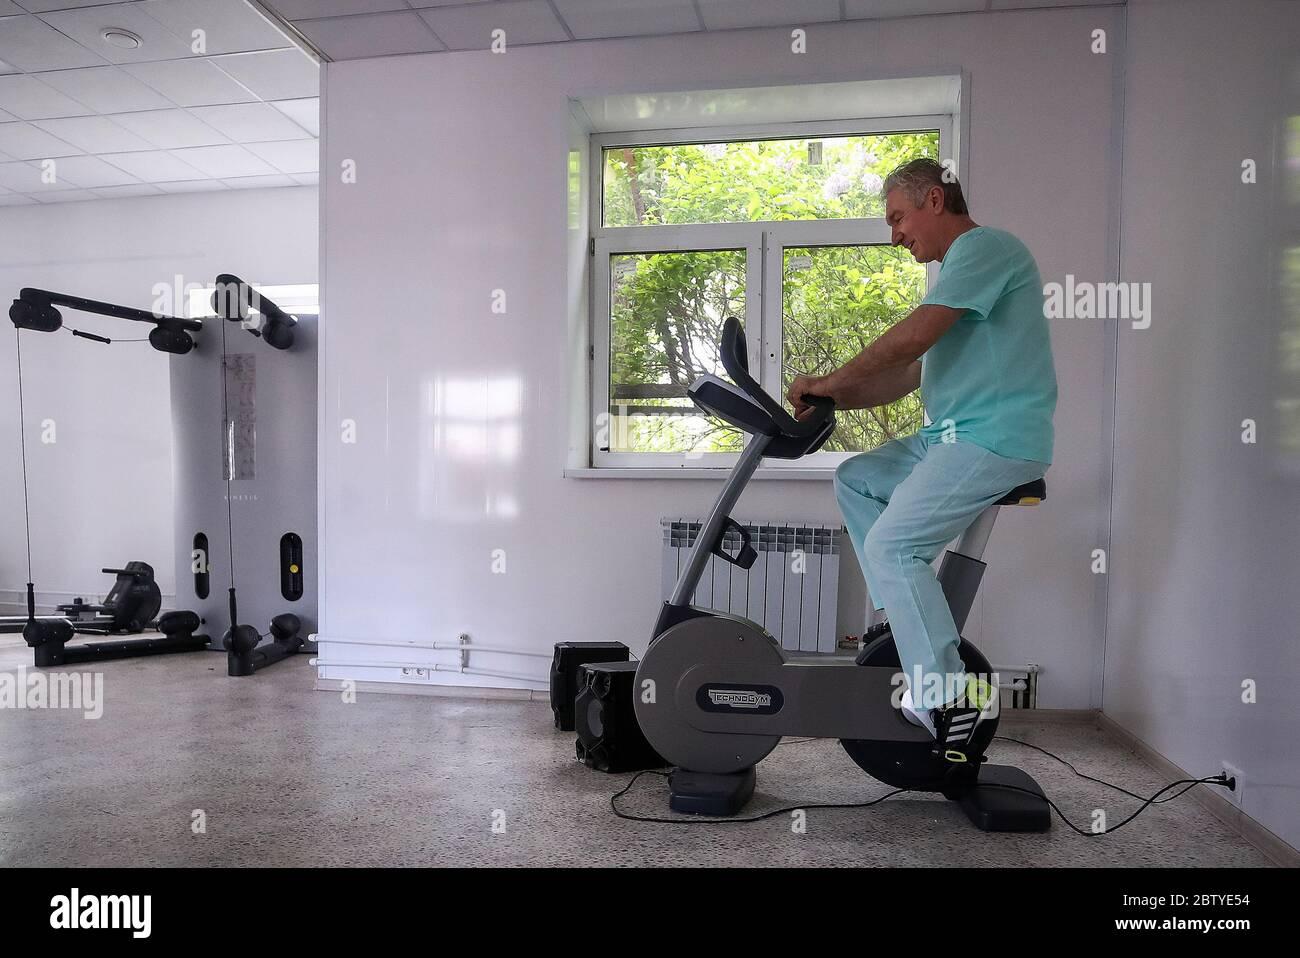 Moscou, Russie. 27 mai 2020. Rafik Shaburov, le médecin en chef du service hospitalier de l'hôpital clinique central de la médecine RZD, travaille dans la salle de gym de l'hôpital. Le service hospitalier de l'hôpital clinique central de RZD Medicine, situé sur la route Volokolamskoye de Moscou, a été réaffecté pour traiter les patients atteints de COVID-19. Crédit : Valery Sharifulin/TASS/Alay Live News Banque D'Images